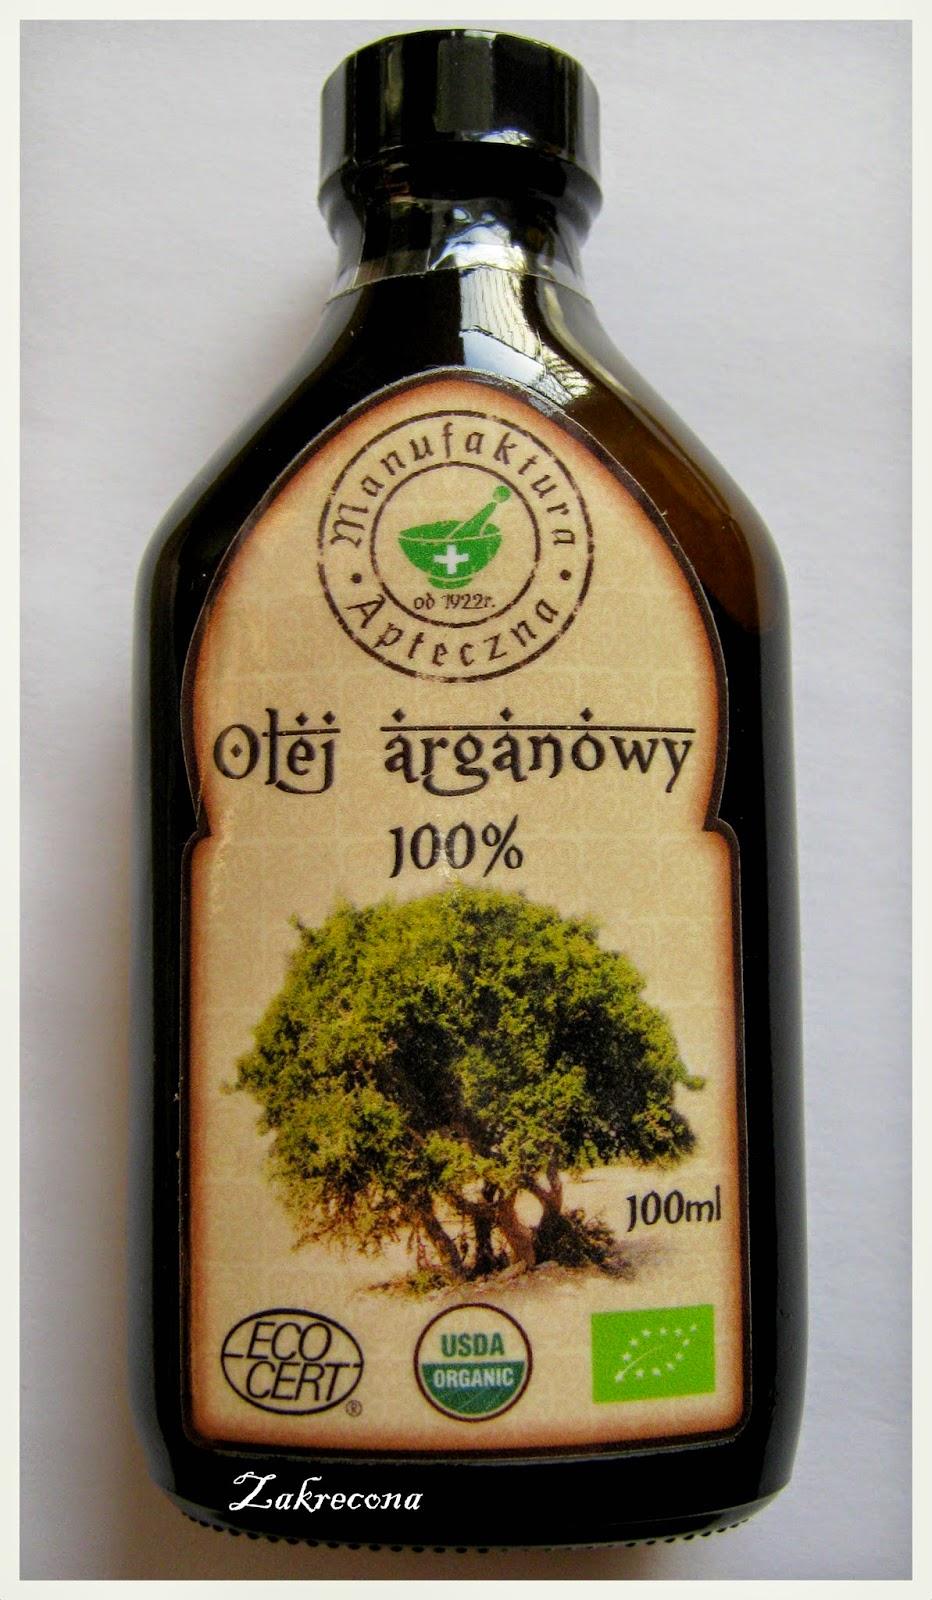 100% olej arganowy od Manufaktury Aptecznej